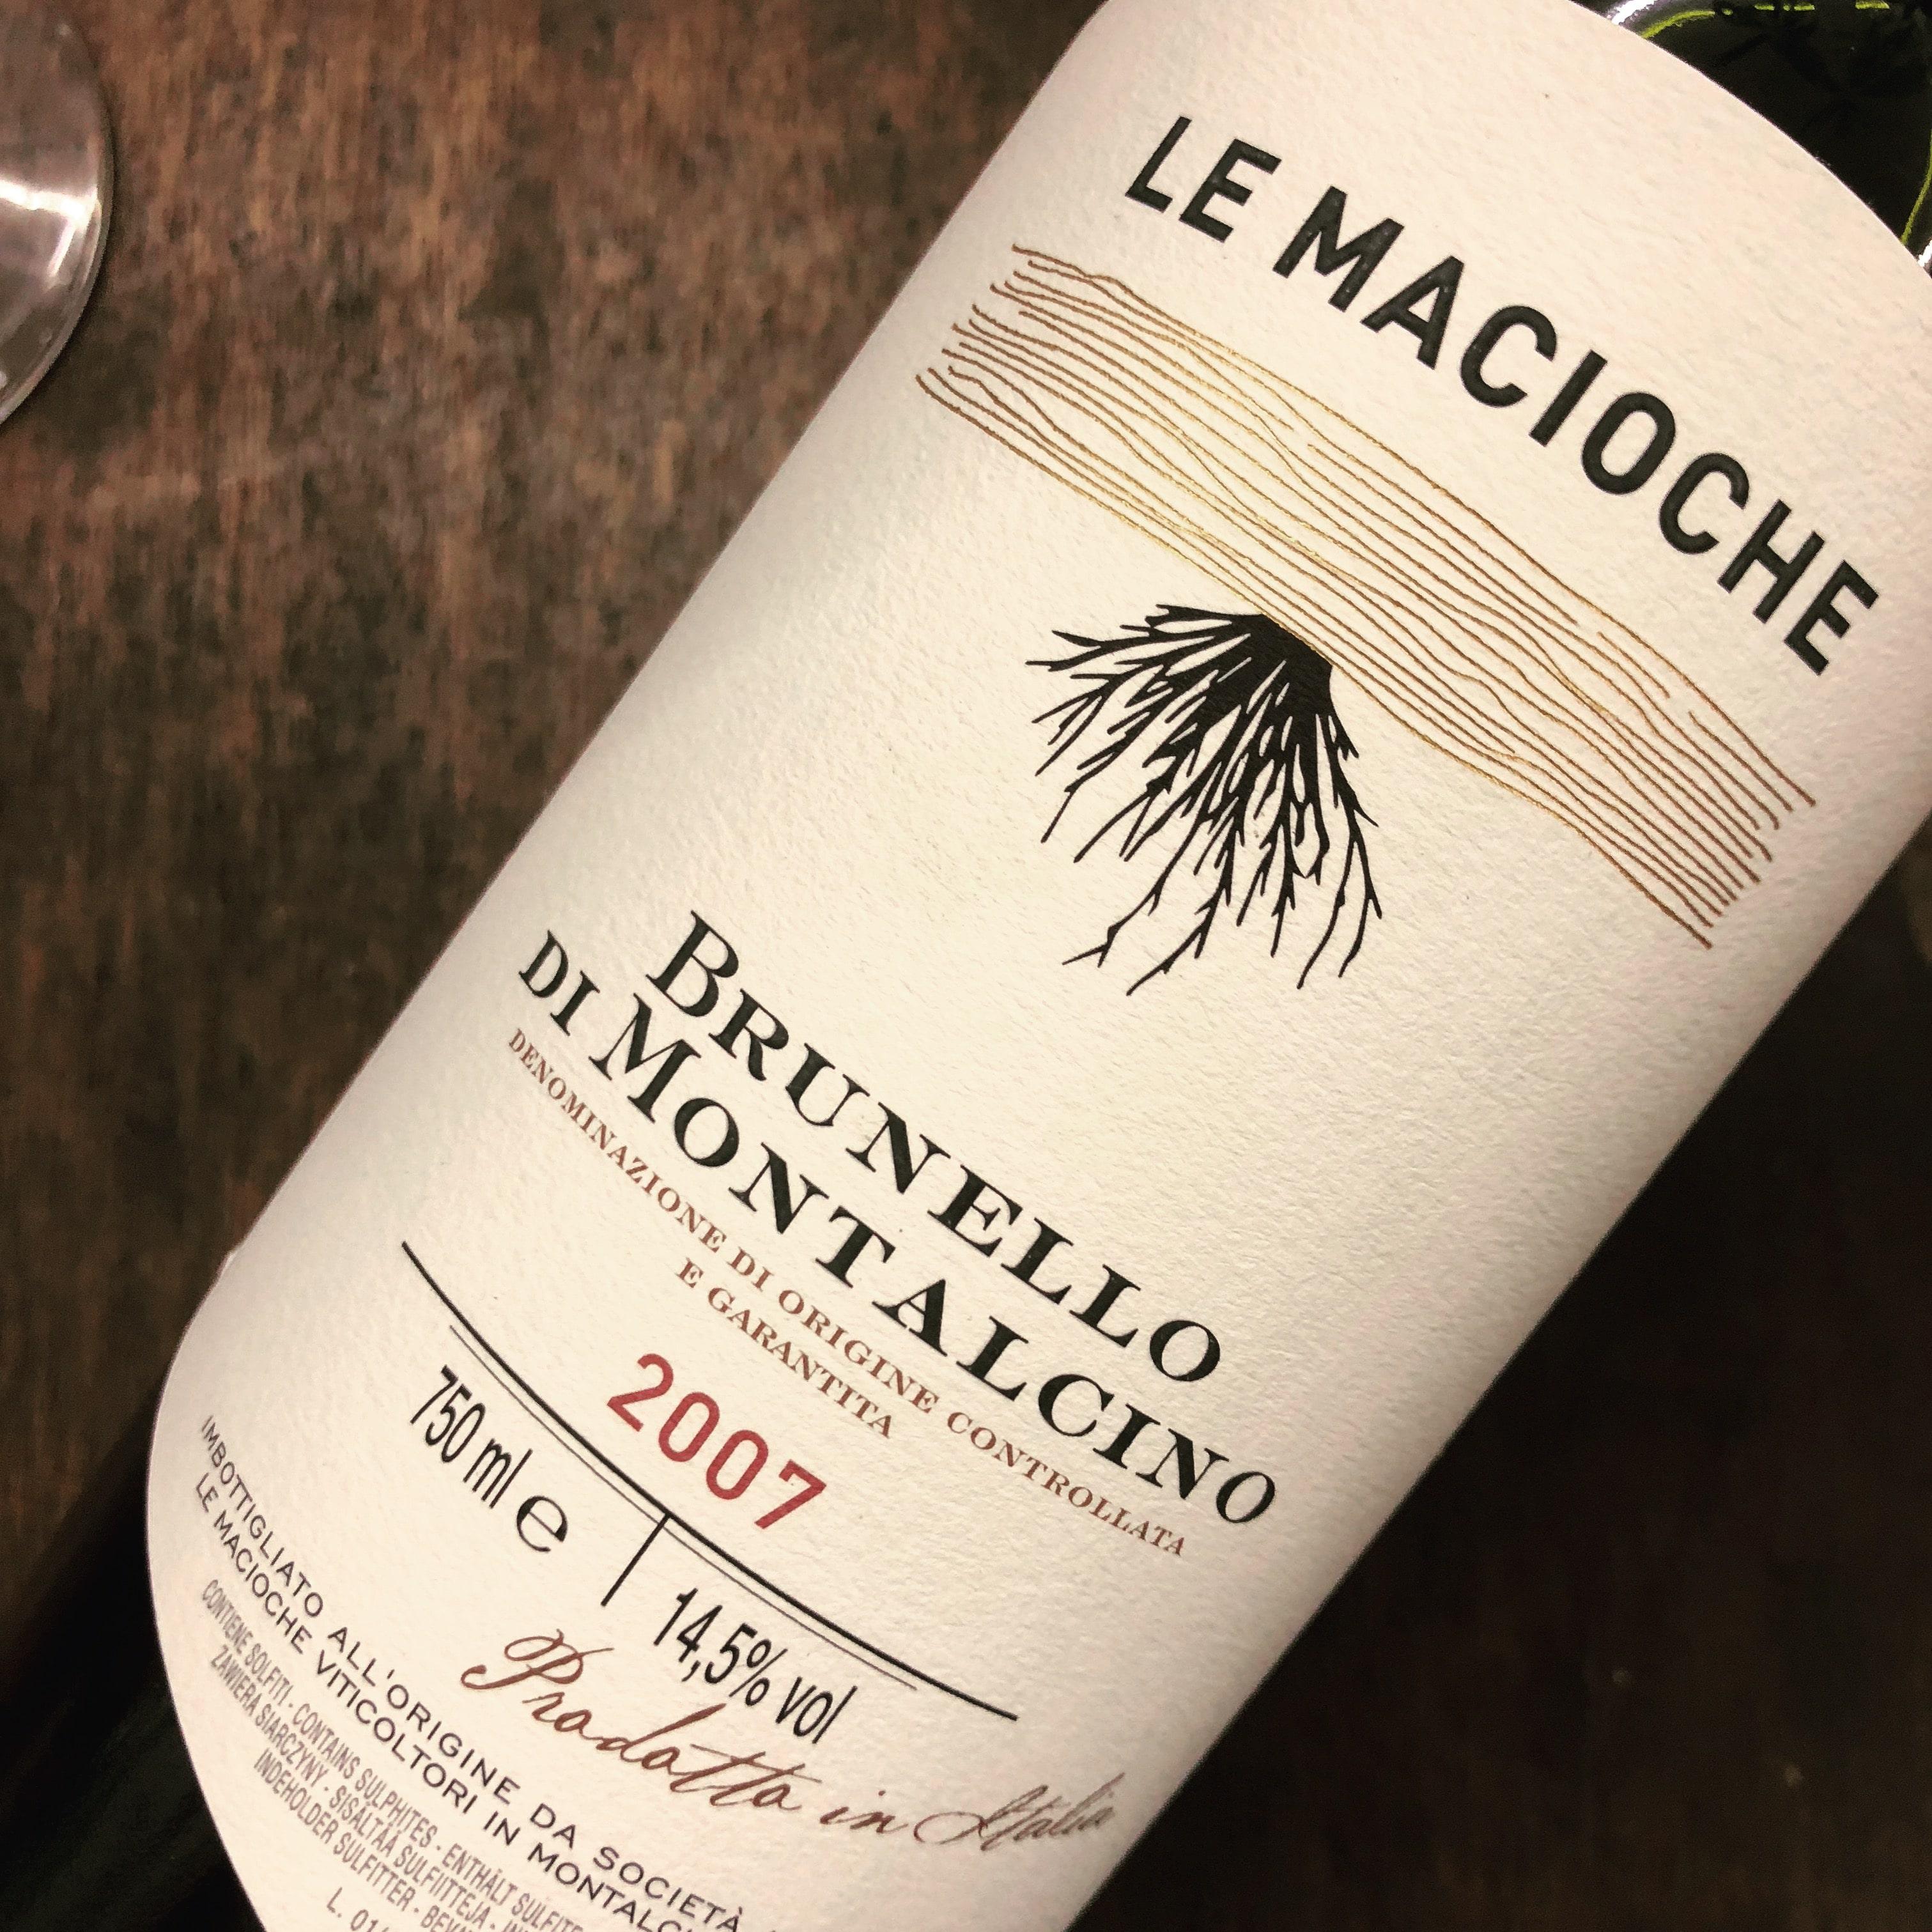 Palazzina Le Macioche Brunello di Montalcino Riserva Le Macioche 2007